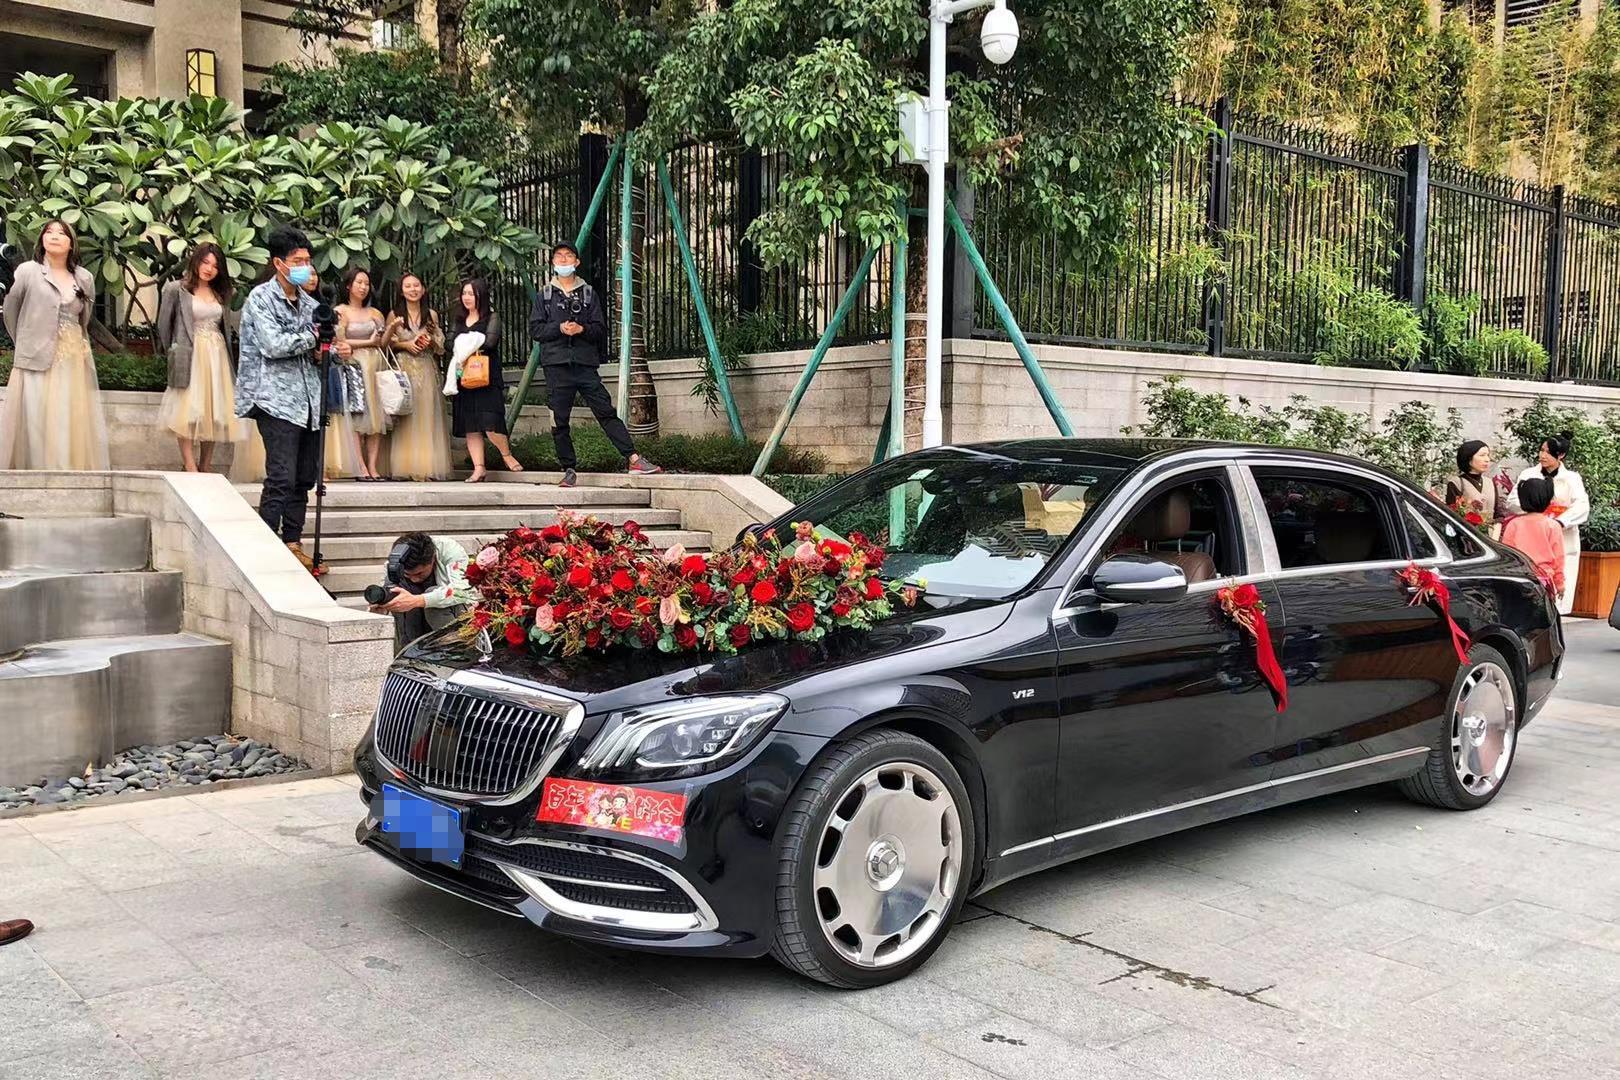 再贵也有人租!GL8、奥德赛国庆租三天约4000元,婚车行情涨三成